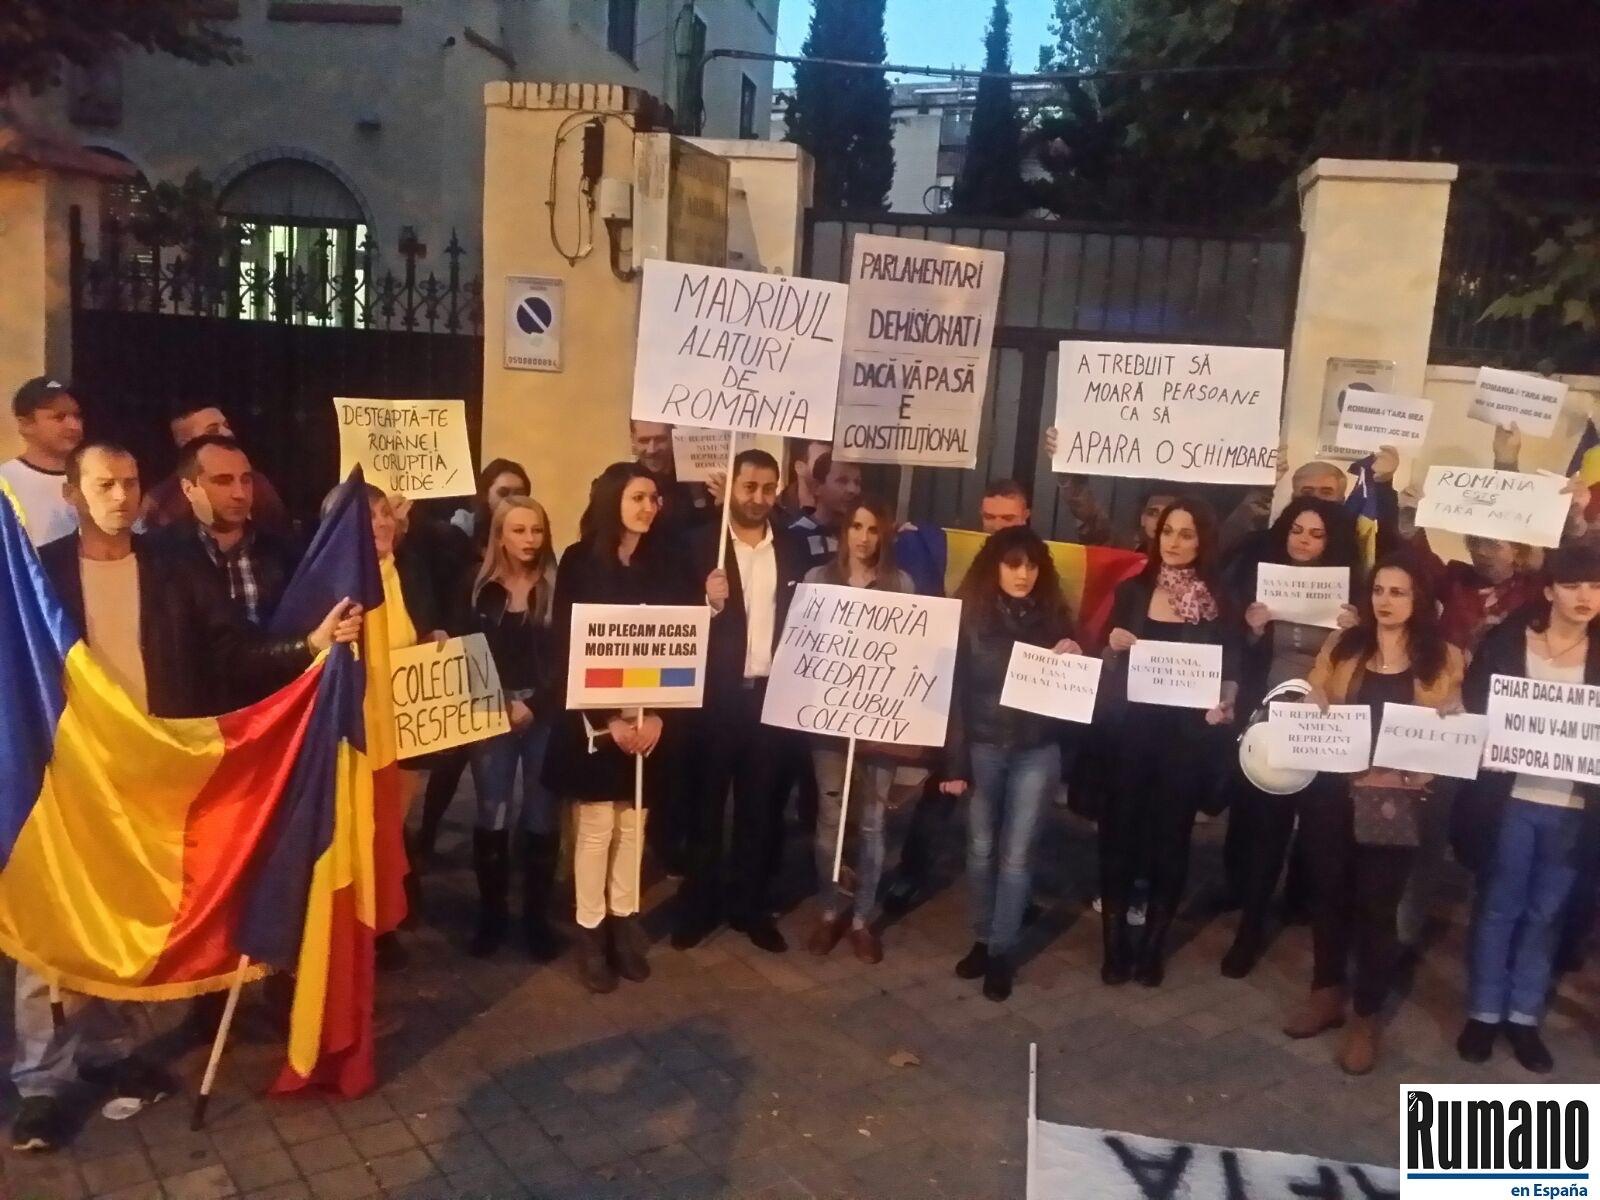 Exclusivitate: Românii din diaspora, alături de românii din țară într-un protest la Madrid